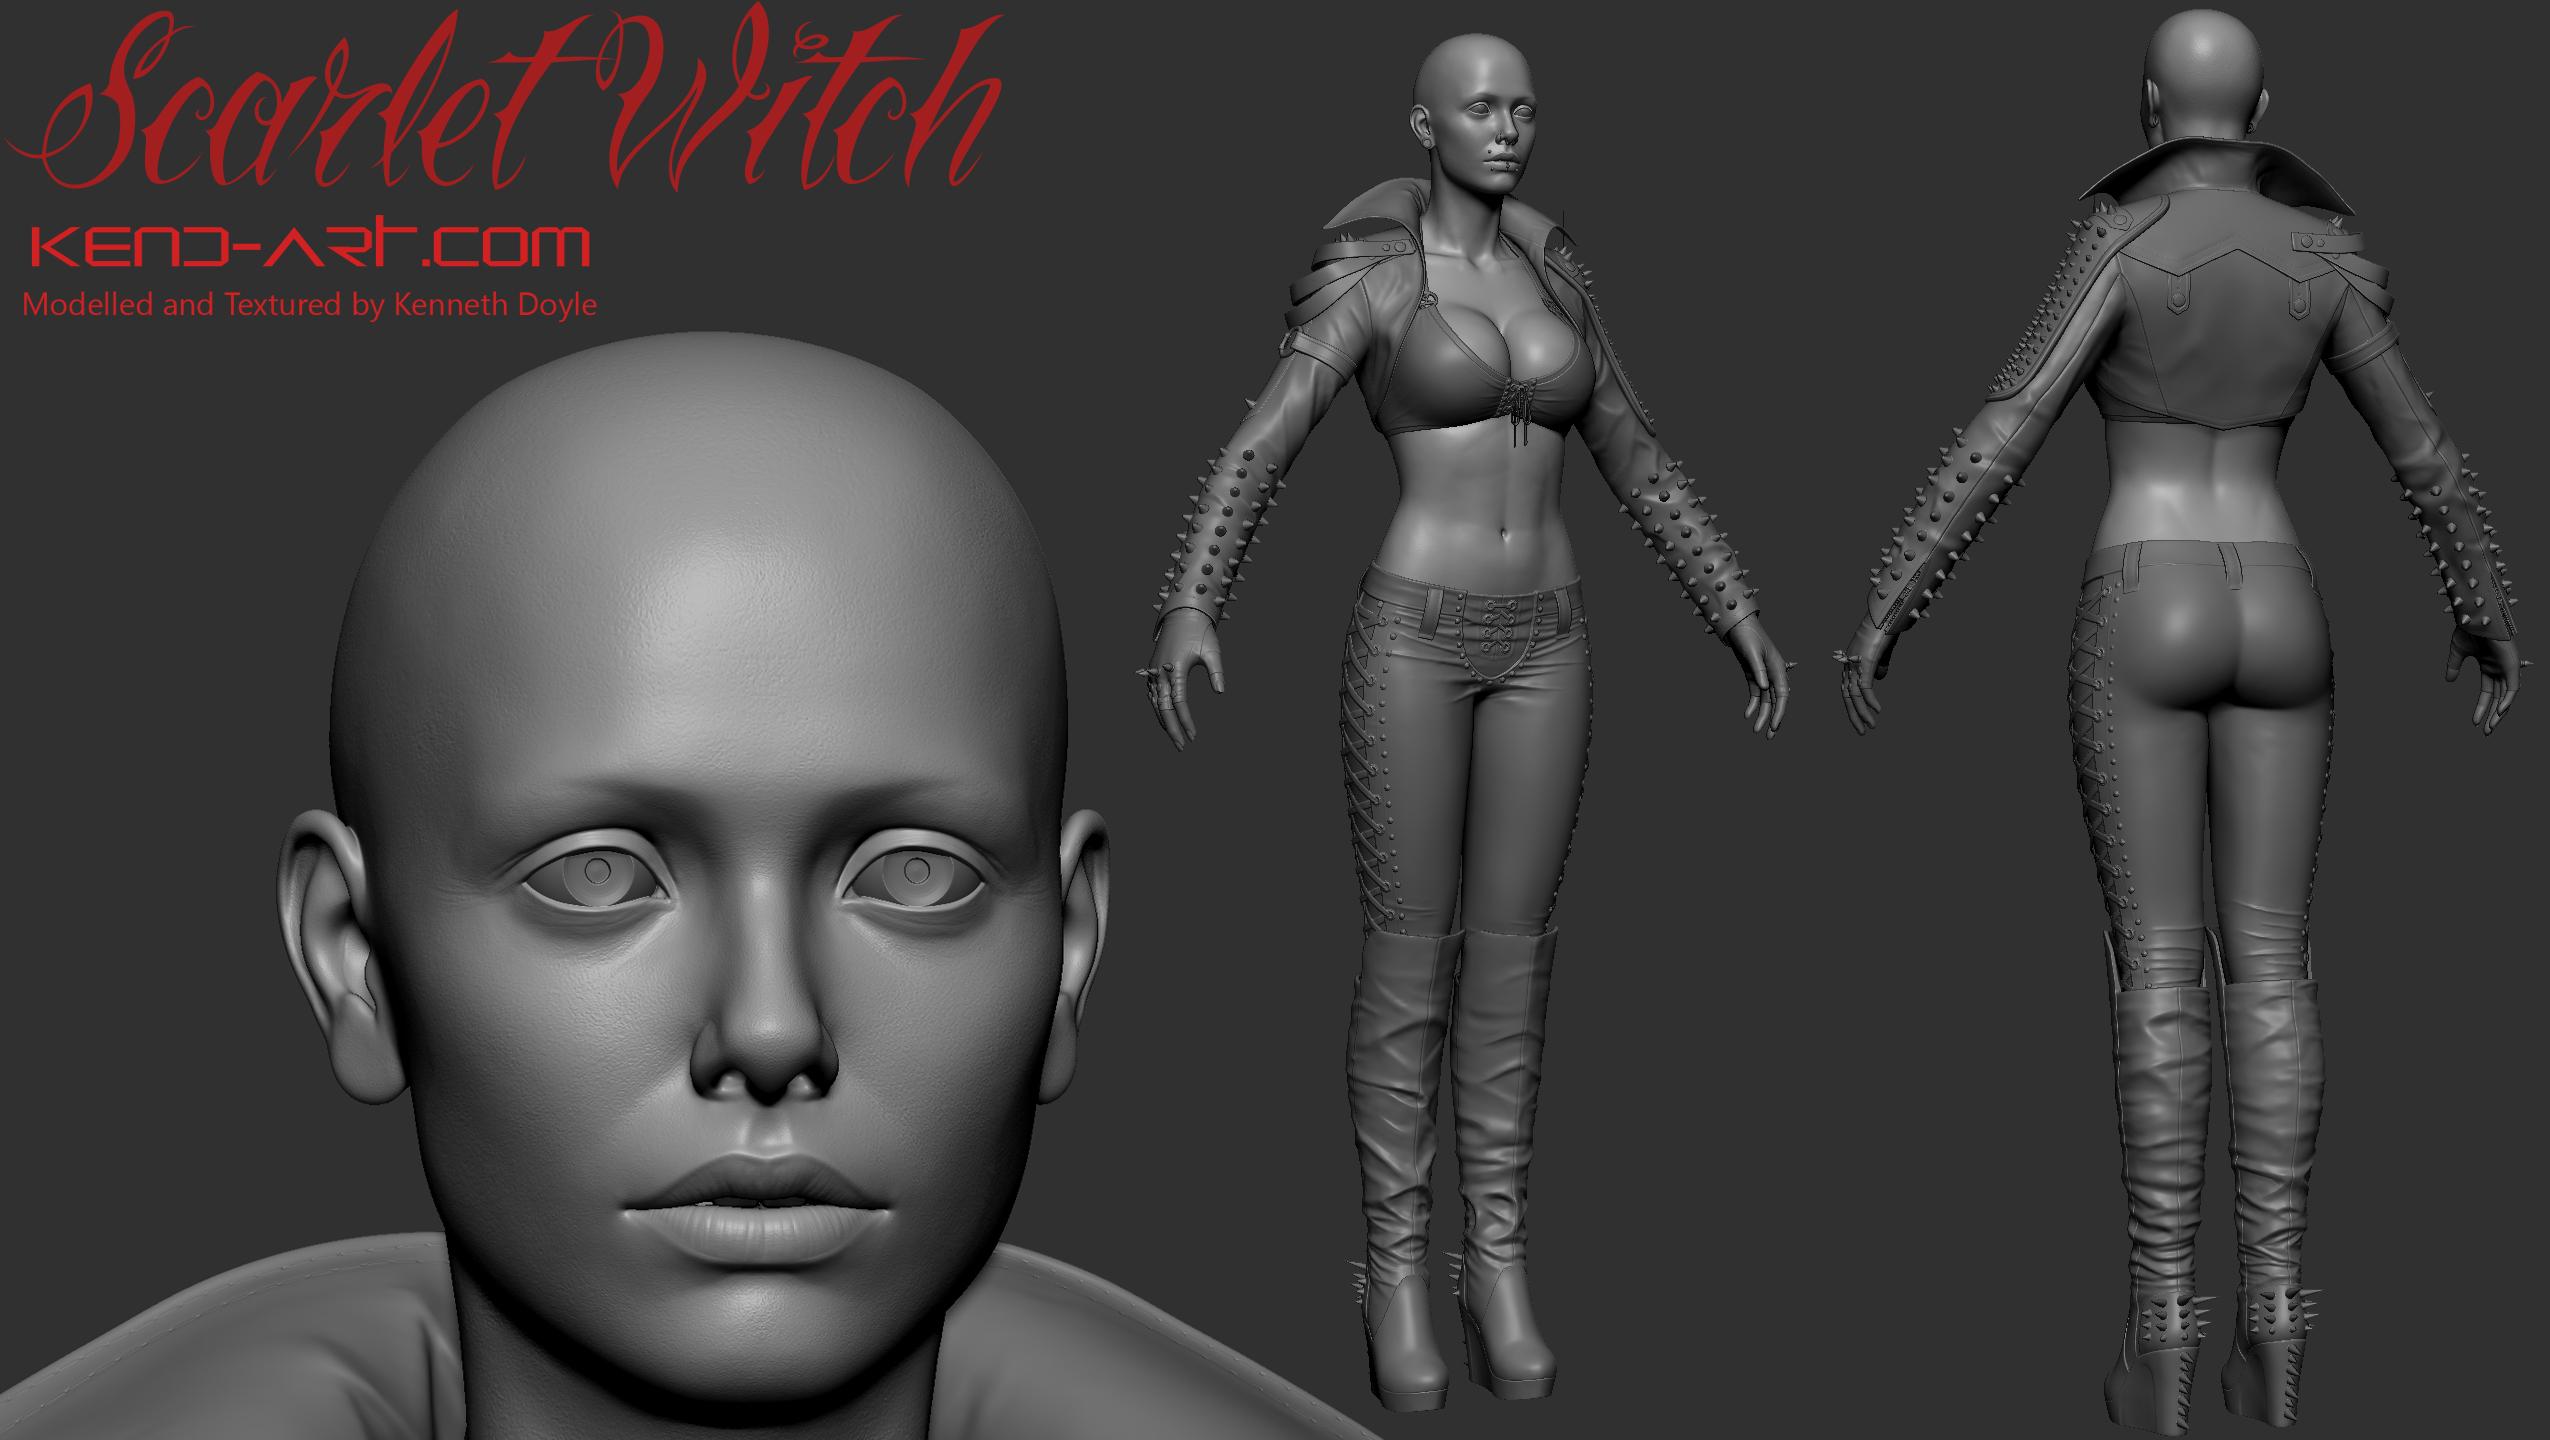 Scarlet Witch Zbrush by kdoyle9